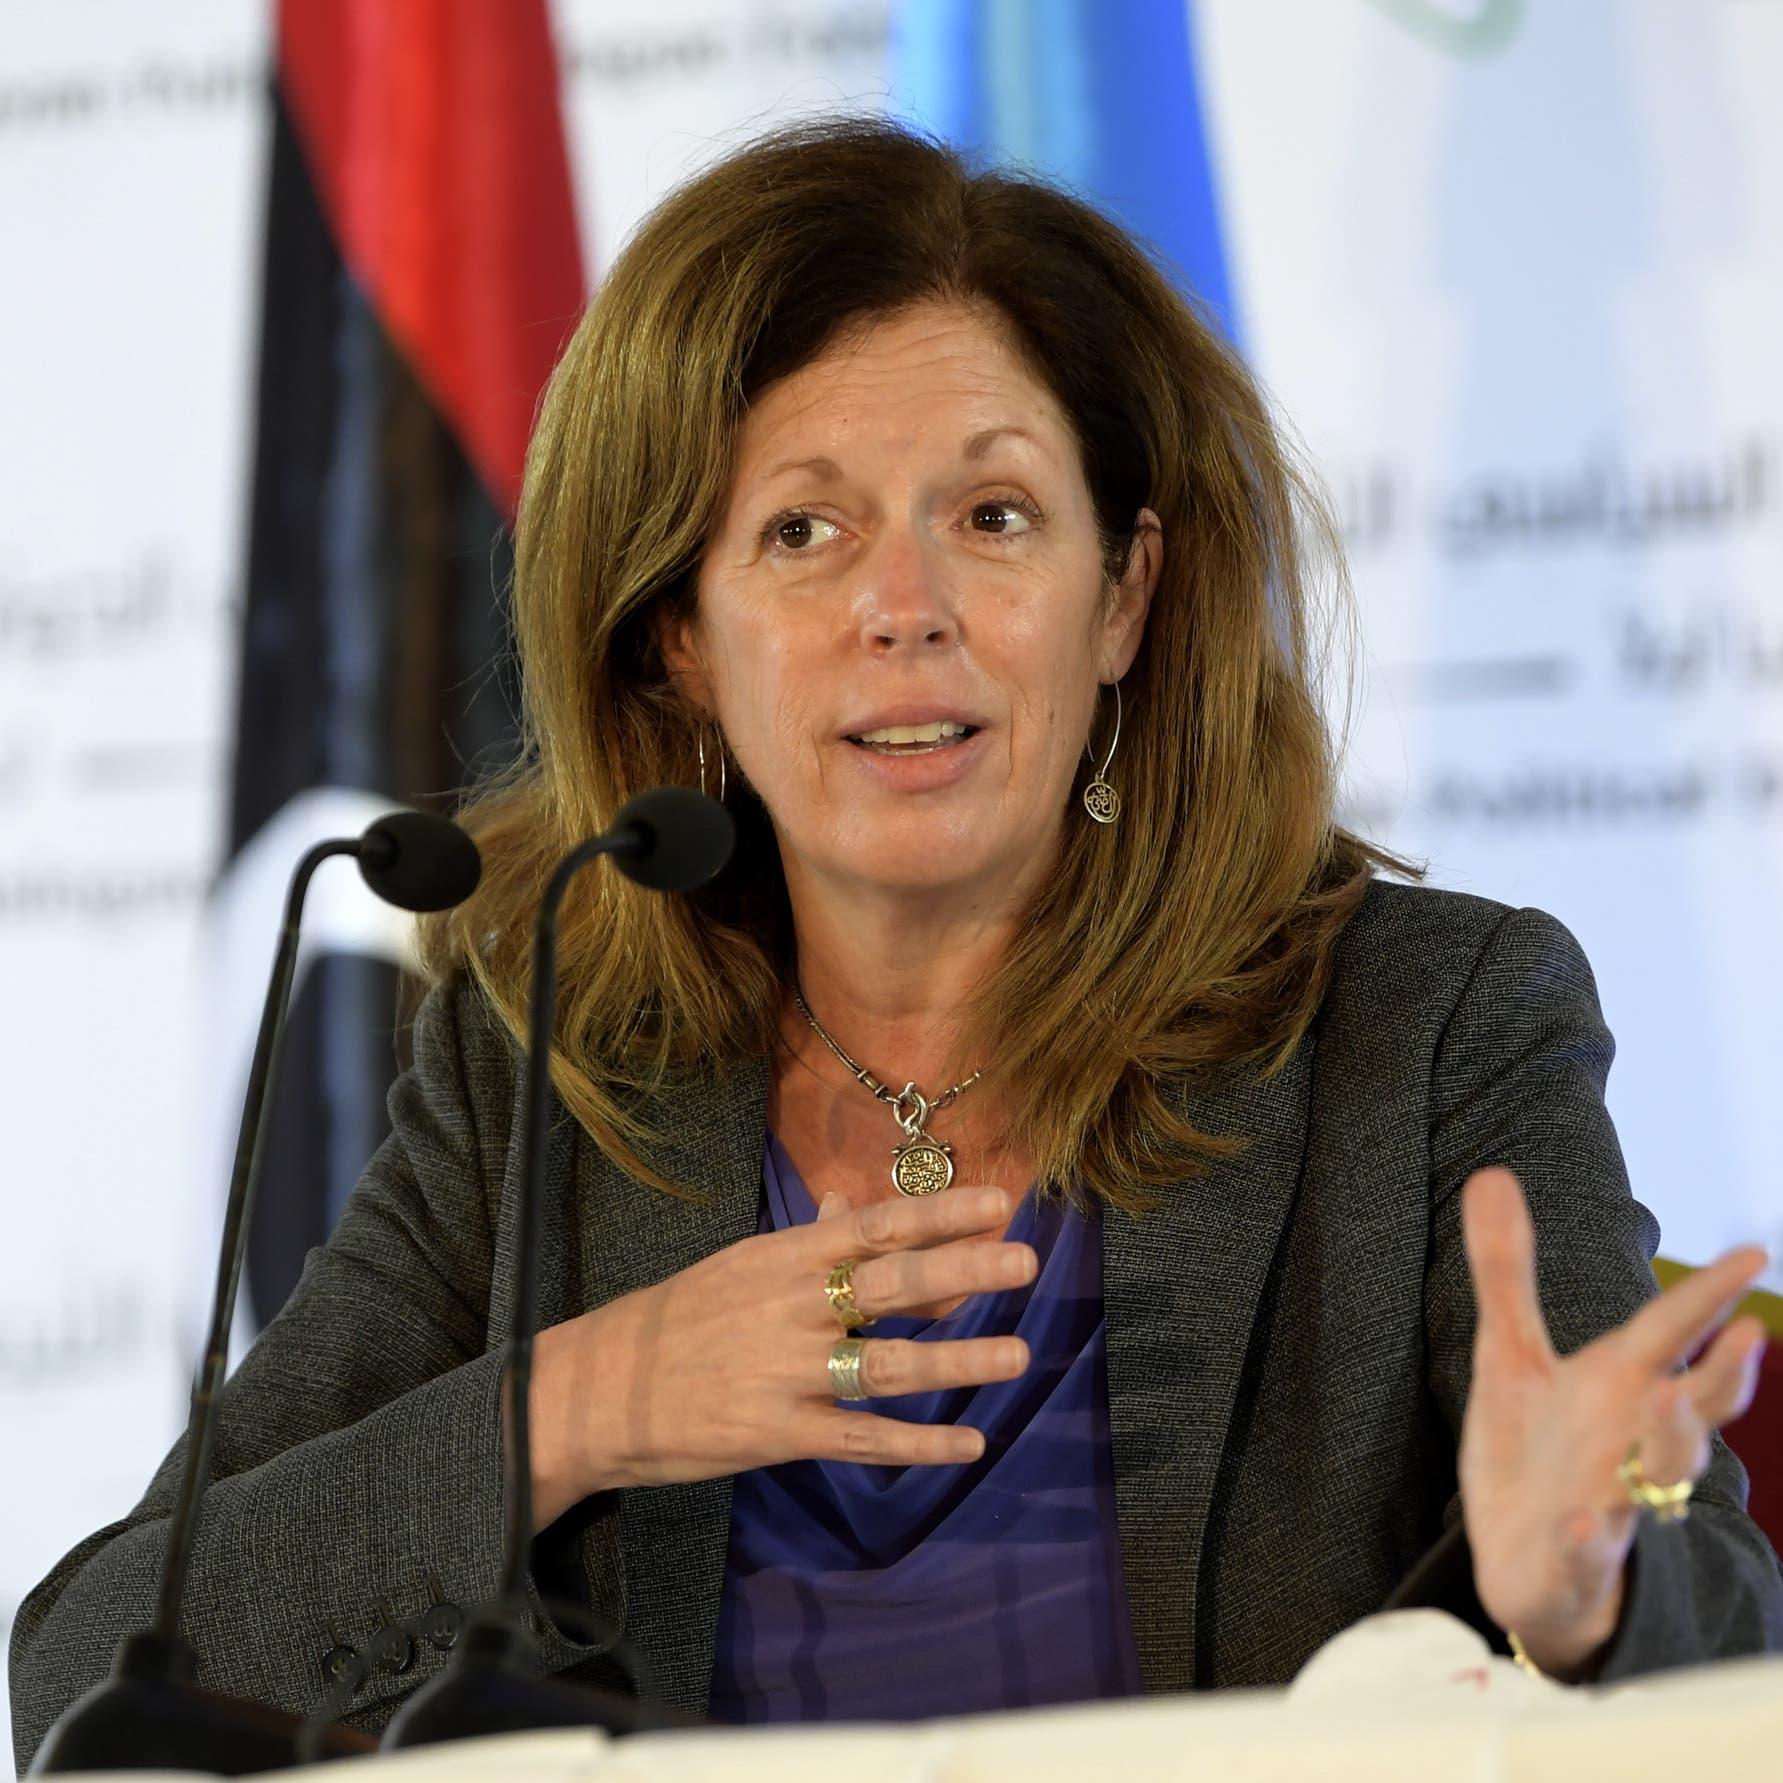 ويليامز: لا تقدم بآلية اختيار السلطة التنفيذية في ليبيا